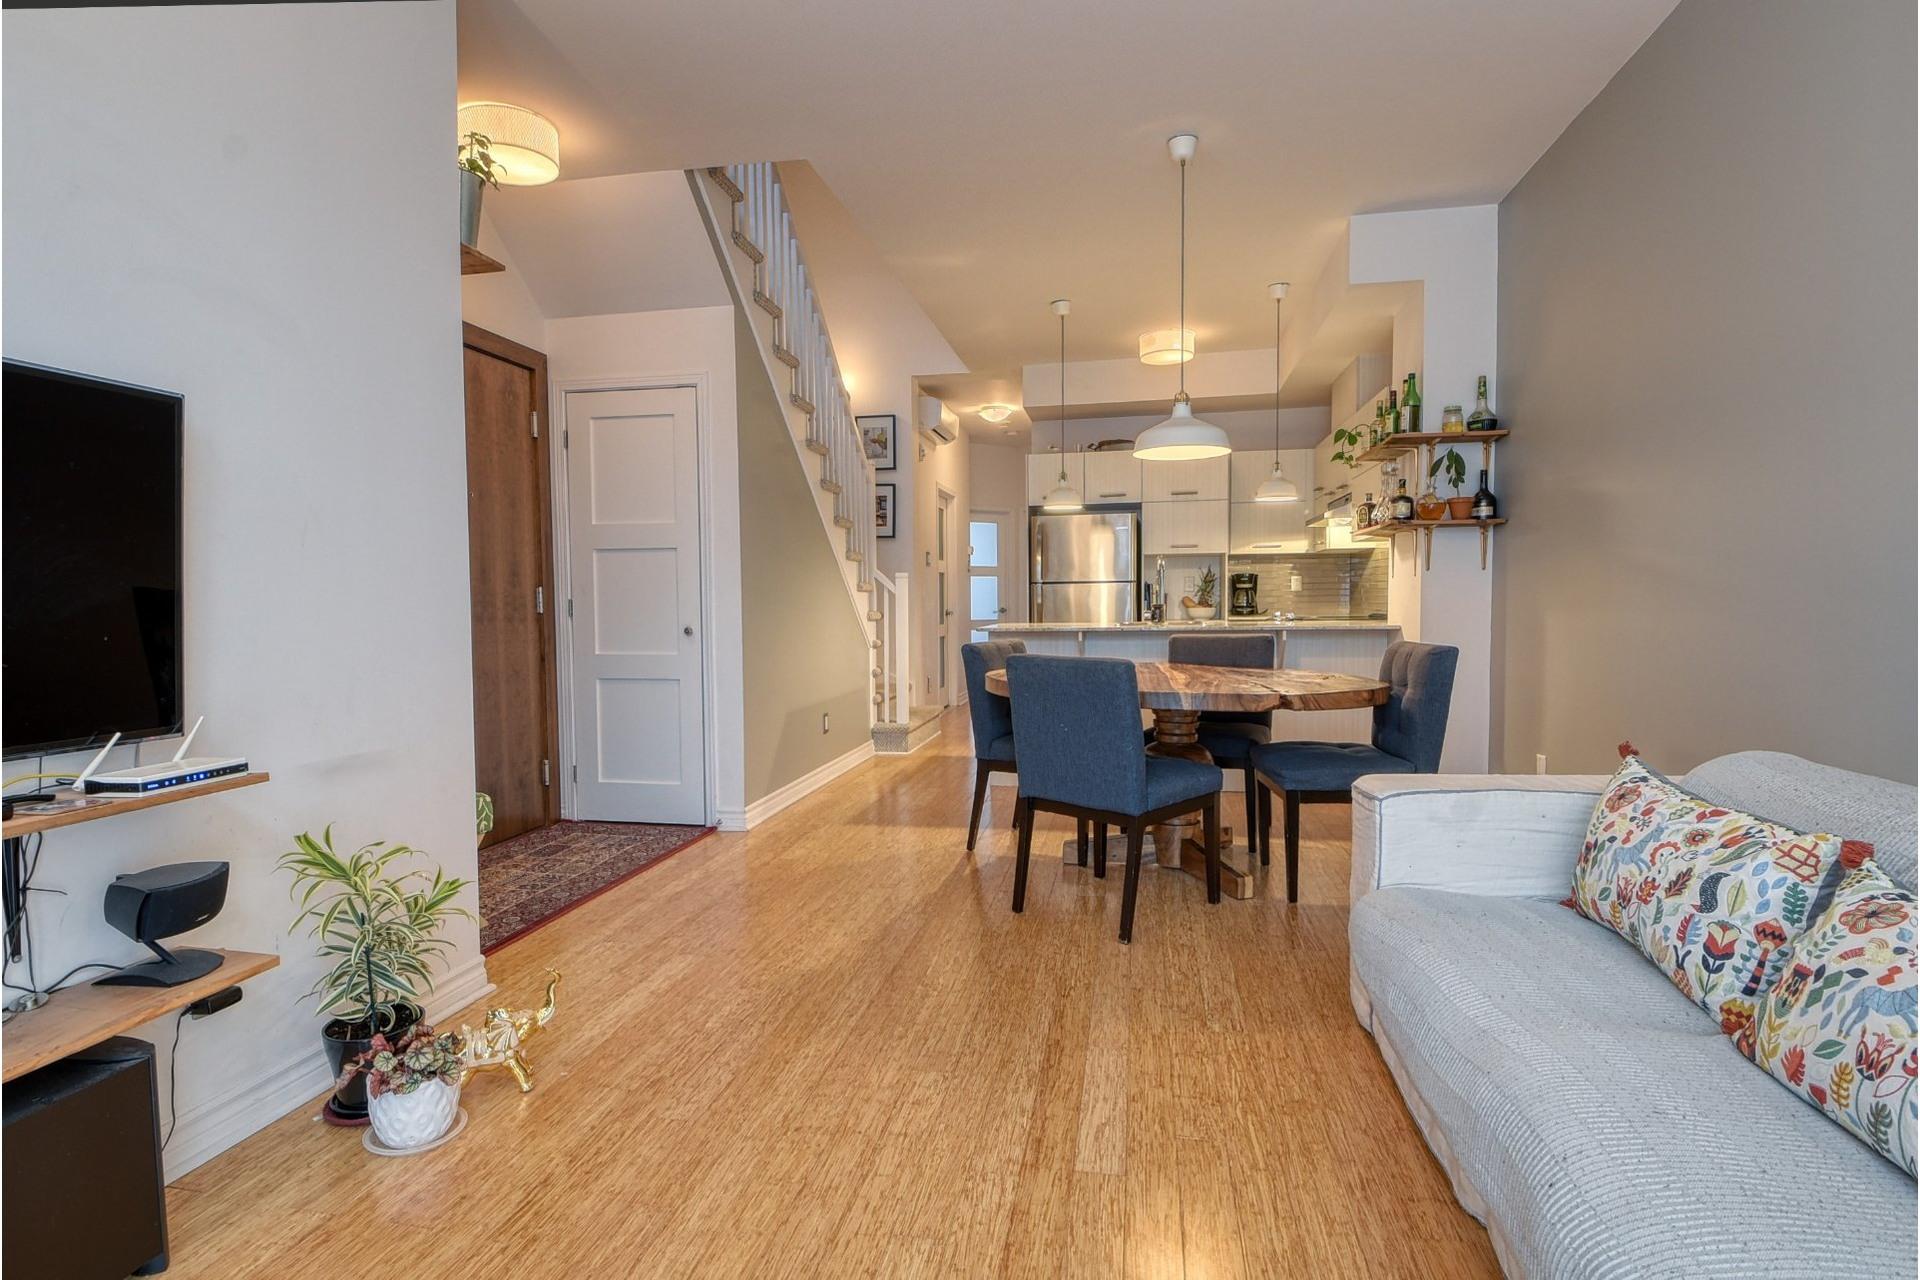 image 3 - Appartement À vendre Lachine Montréal  - 7 pièces